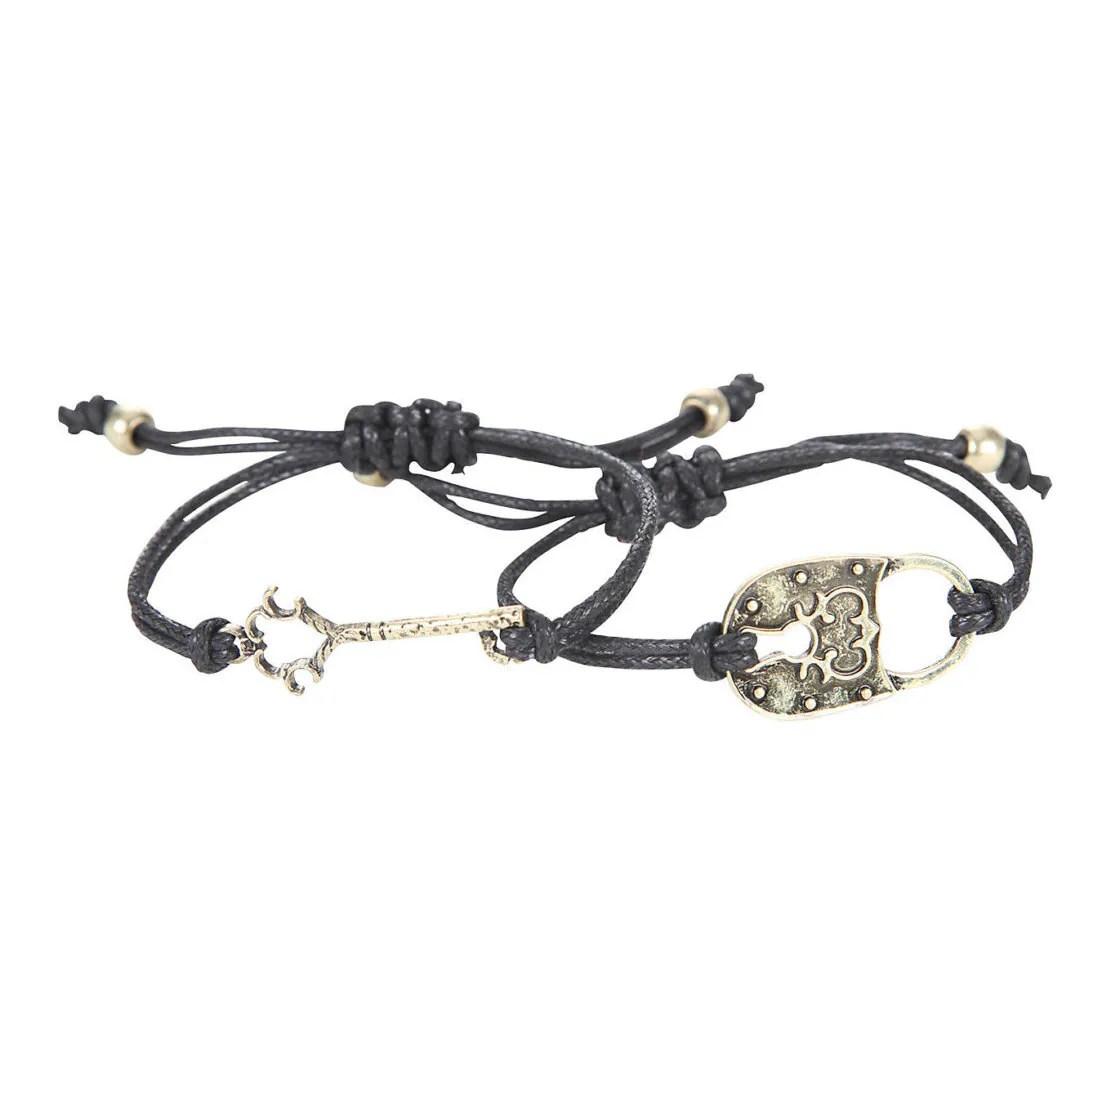 Lock Amp Key Friendship Bracelets Friendship Bracelets Bff